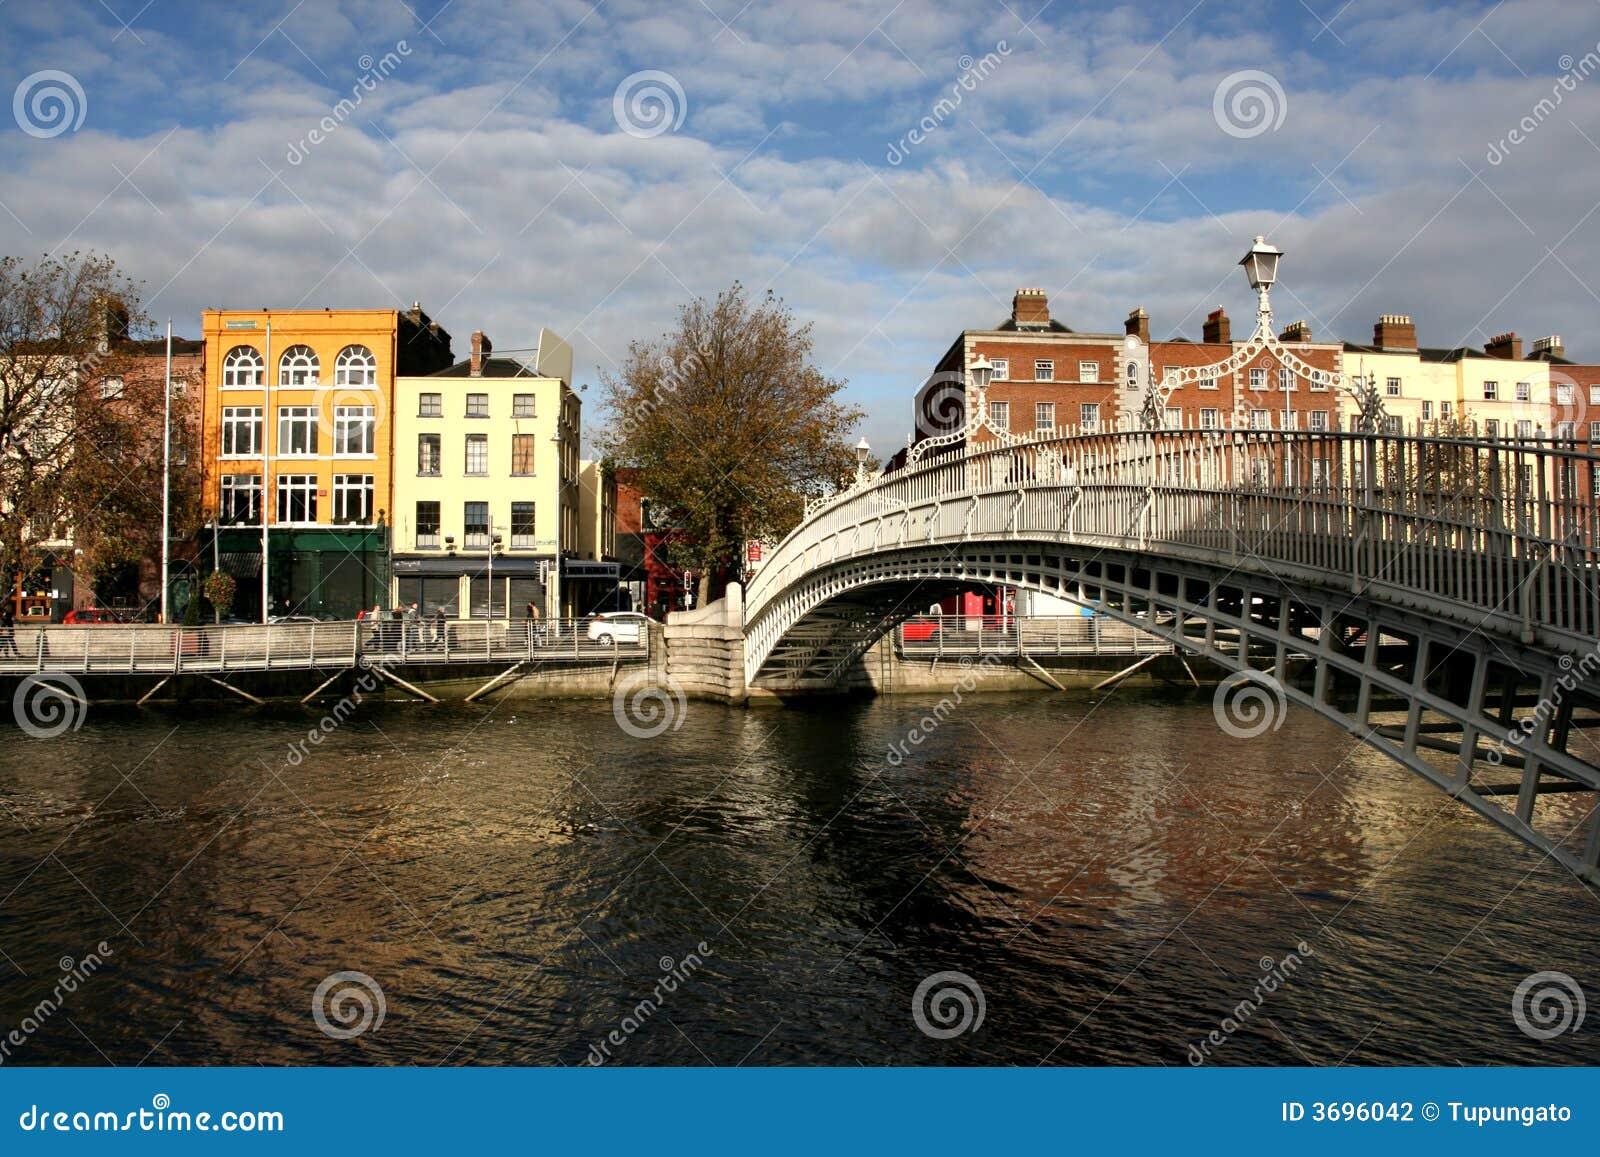 Puente del medio penique en Dublín